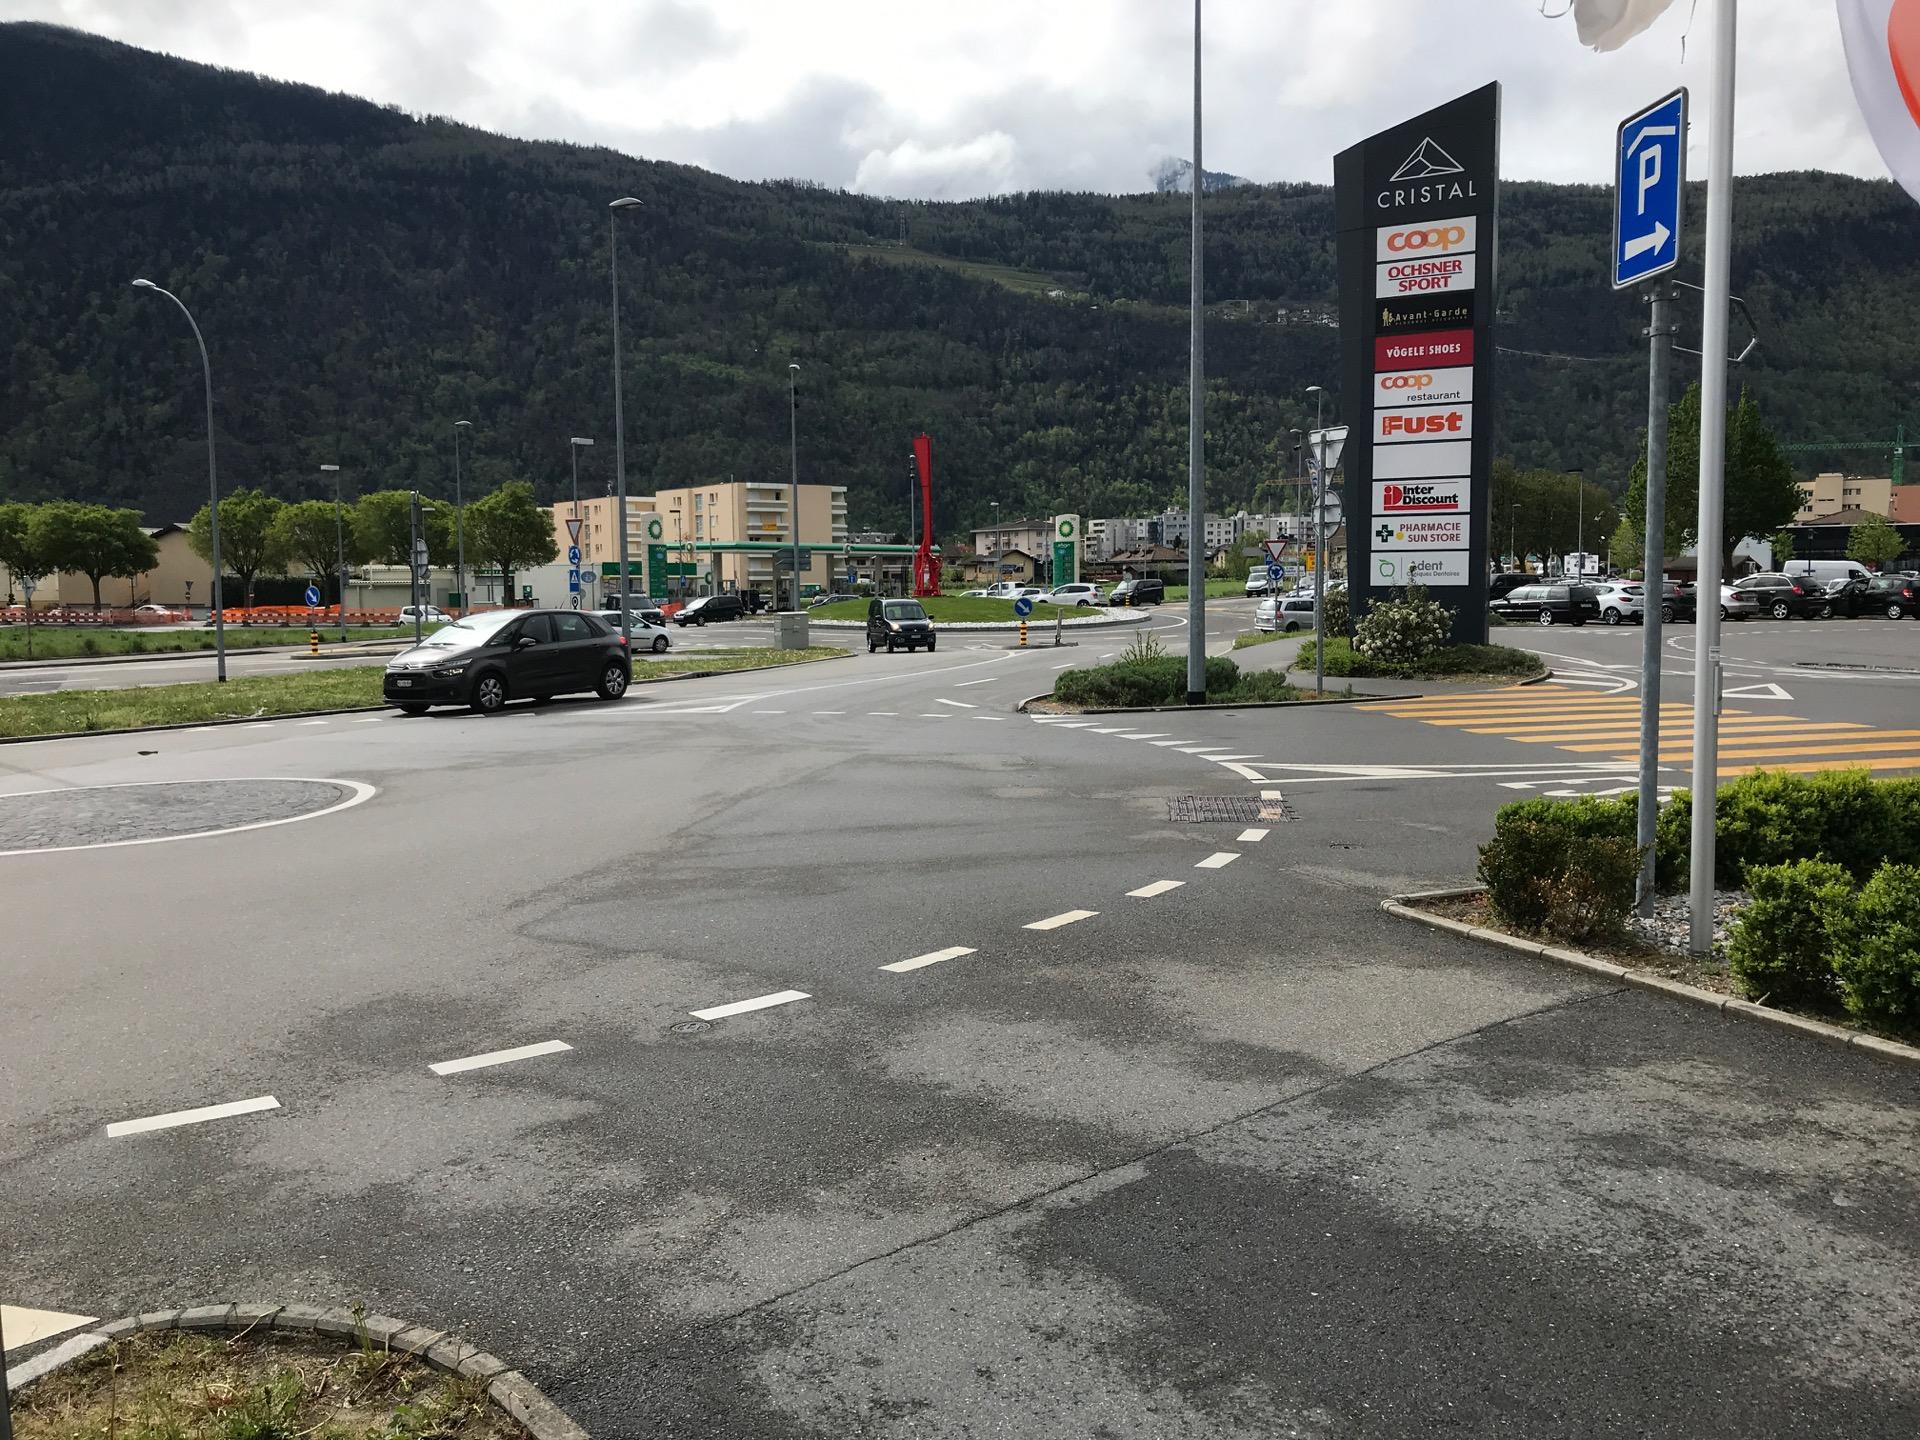 Un autre accès possible à vélo: par le trottoir et le passage piéton sur la droite.